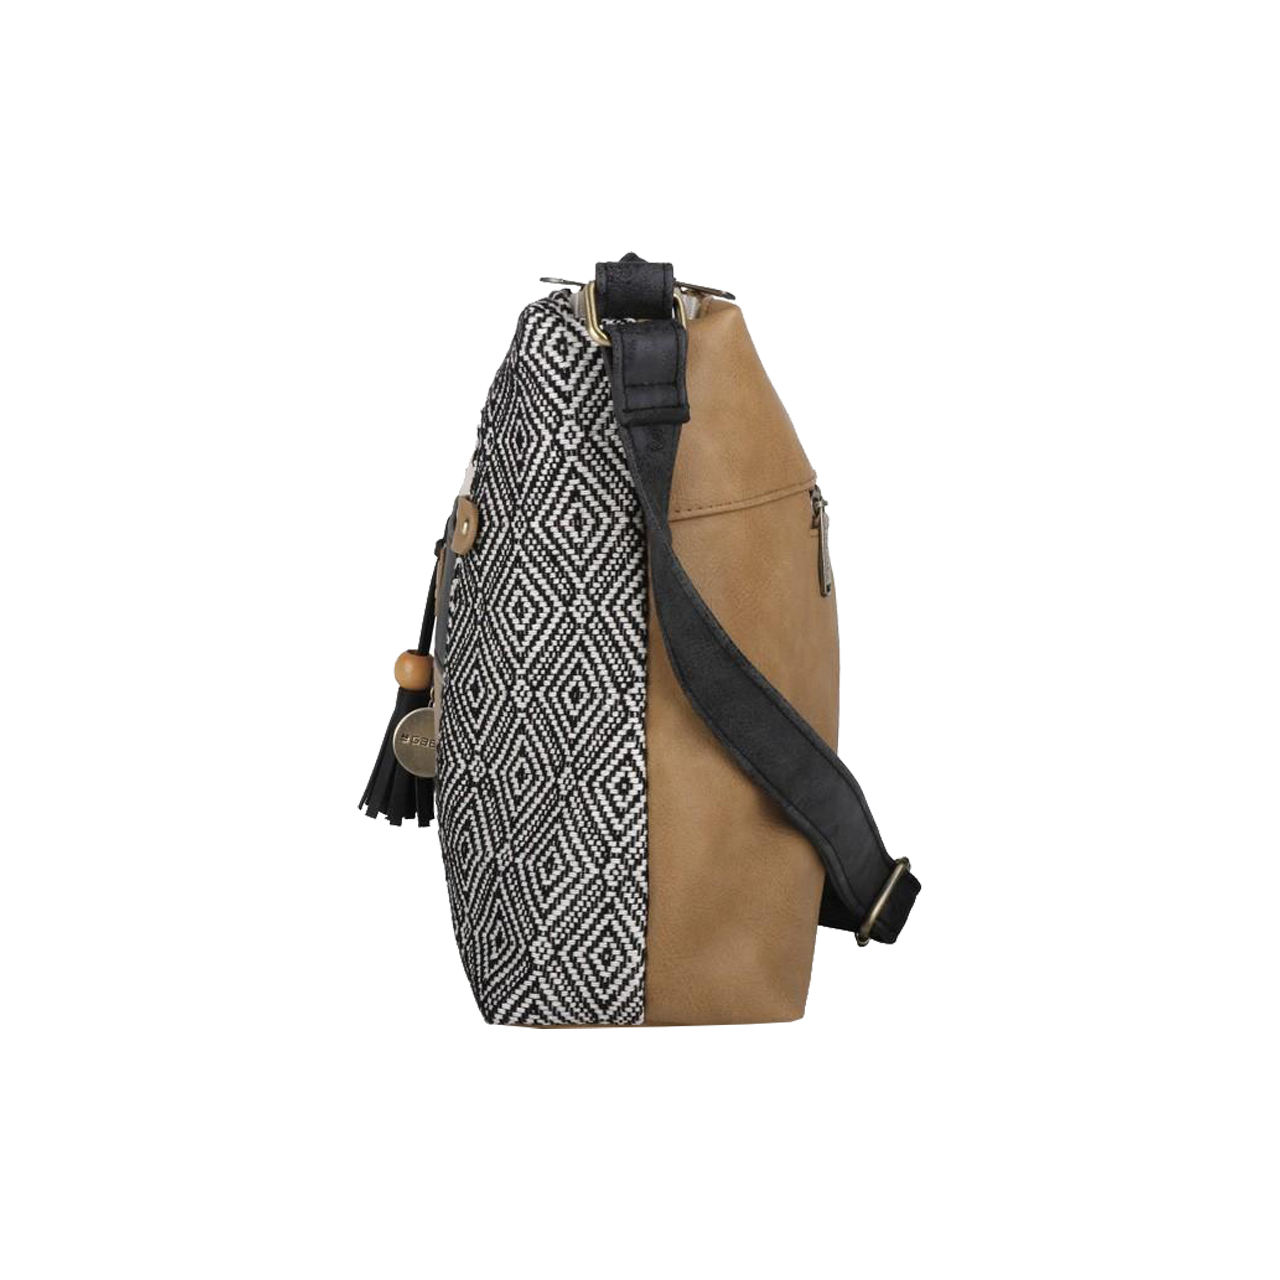 کیف دوشی زنانه گابل مدل Mawui 538313 -  - 3